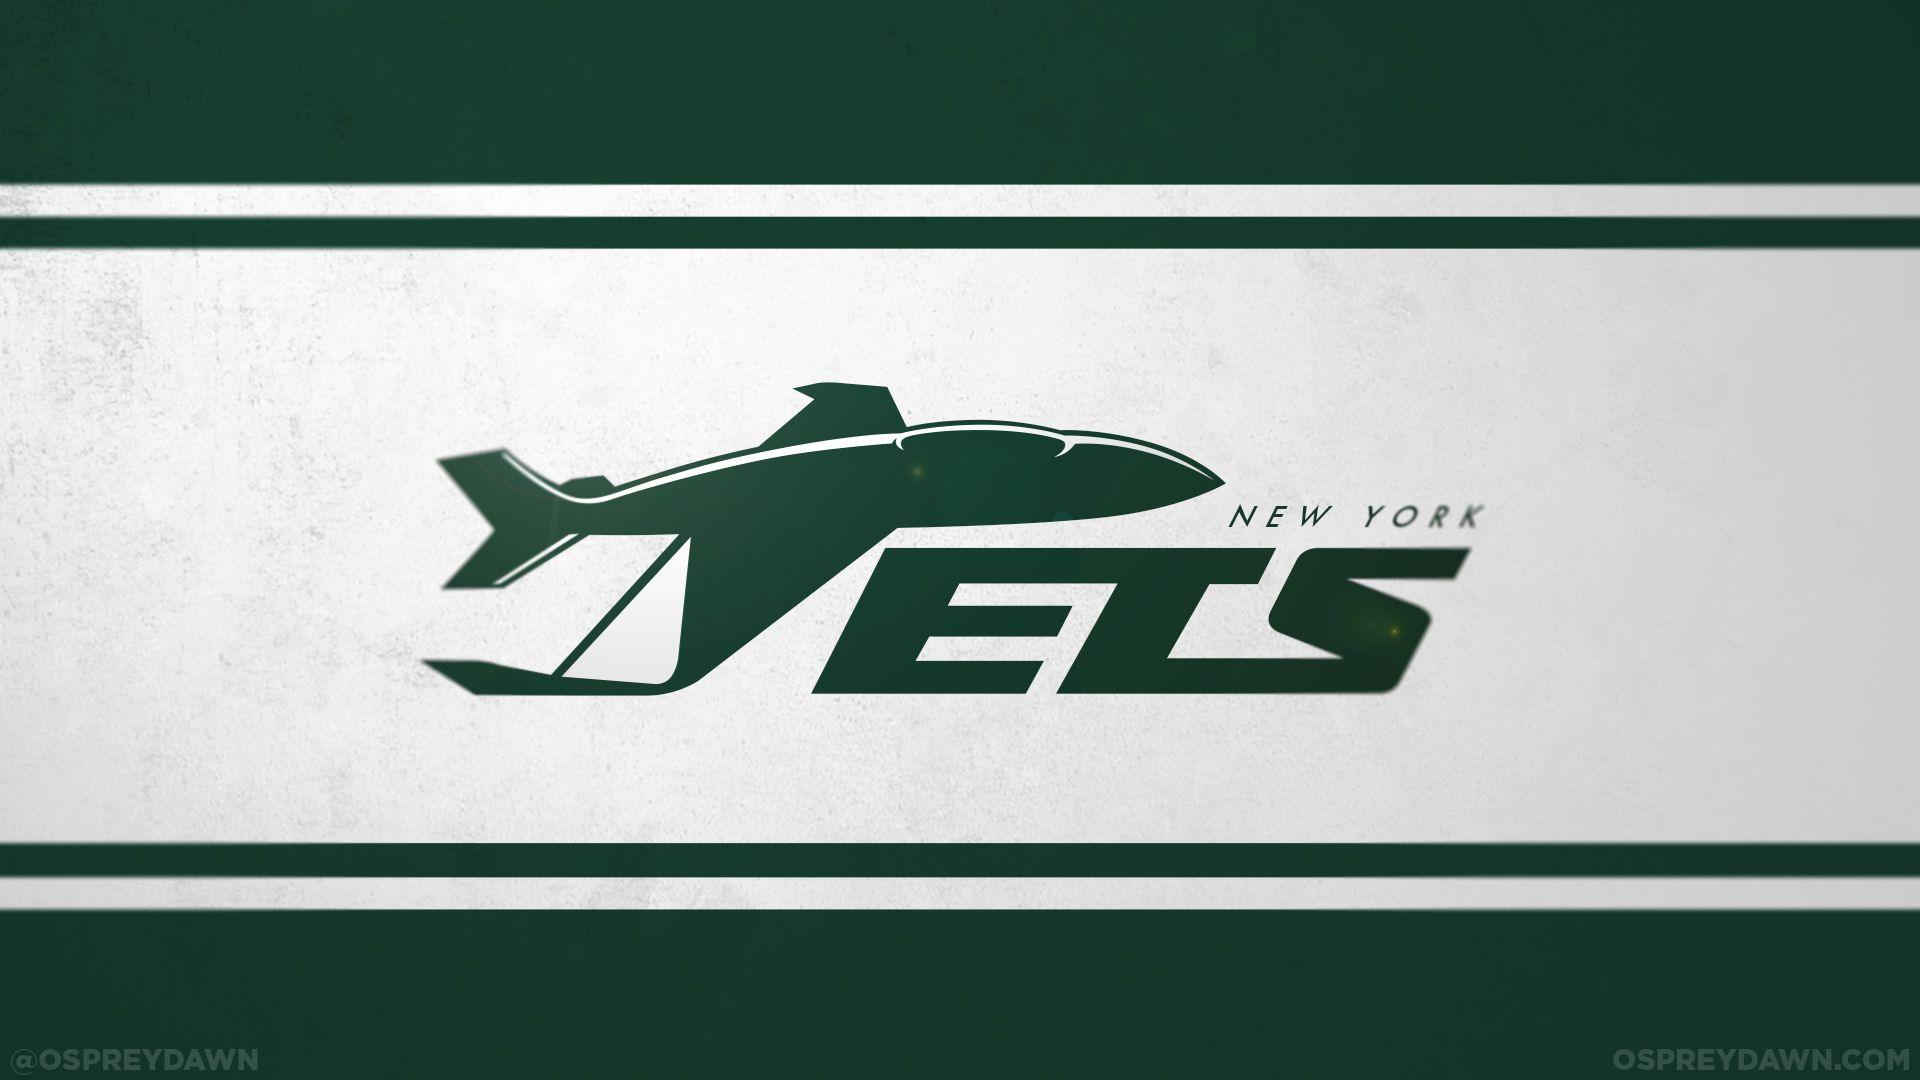 Ny Jets Desktop Wallpaper Wallpapersafari Nfl Teams Logos 32 Nfl Teams Football Team Logos